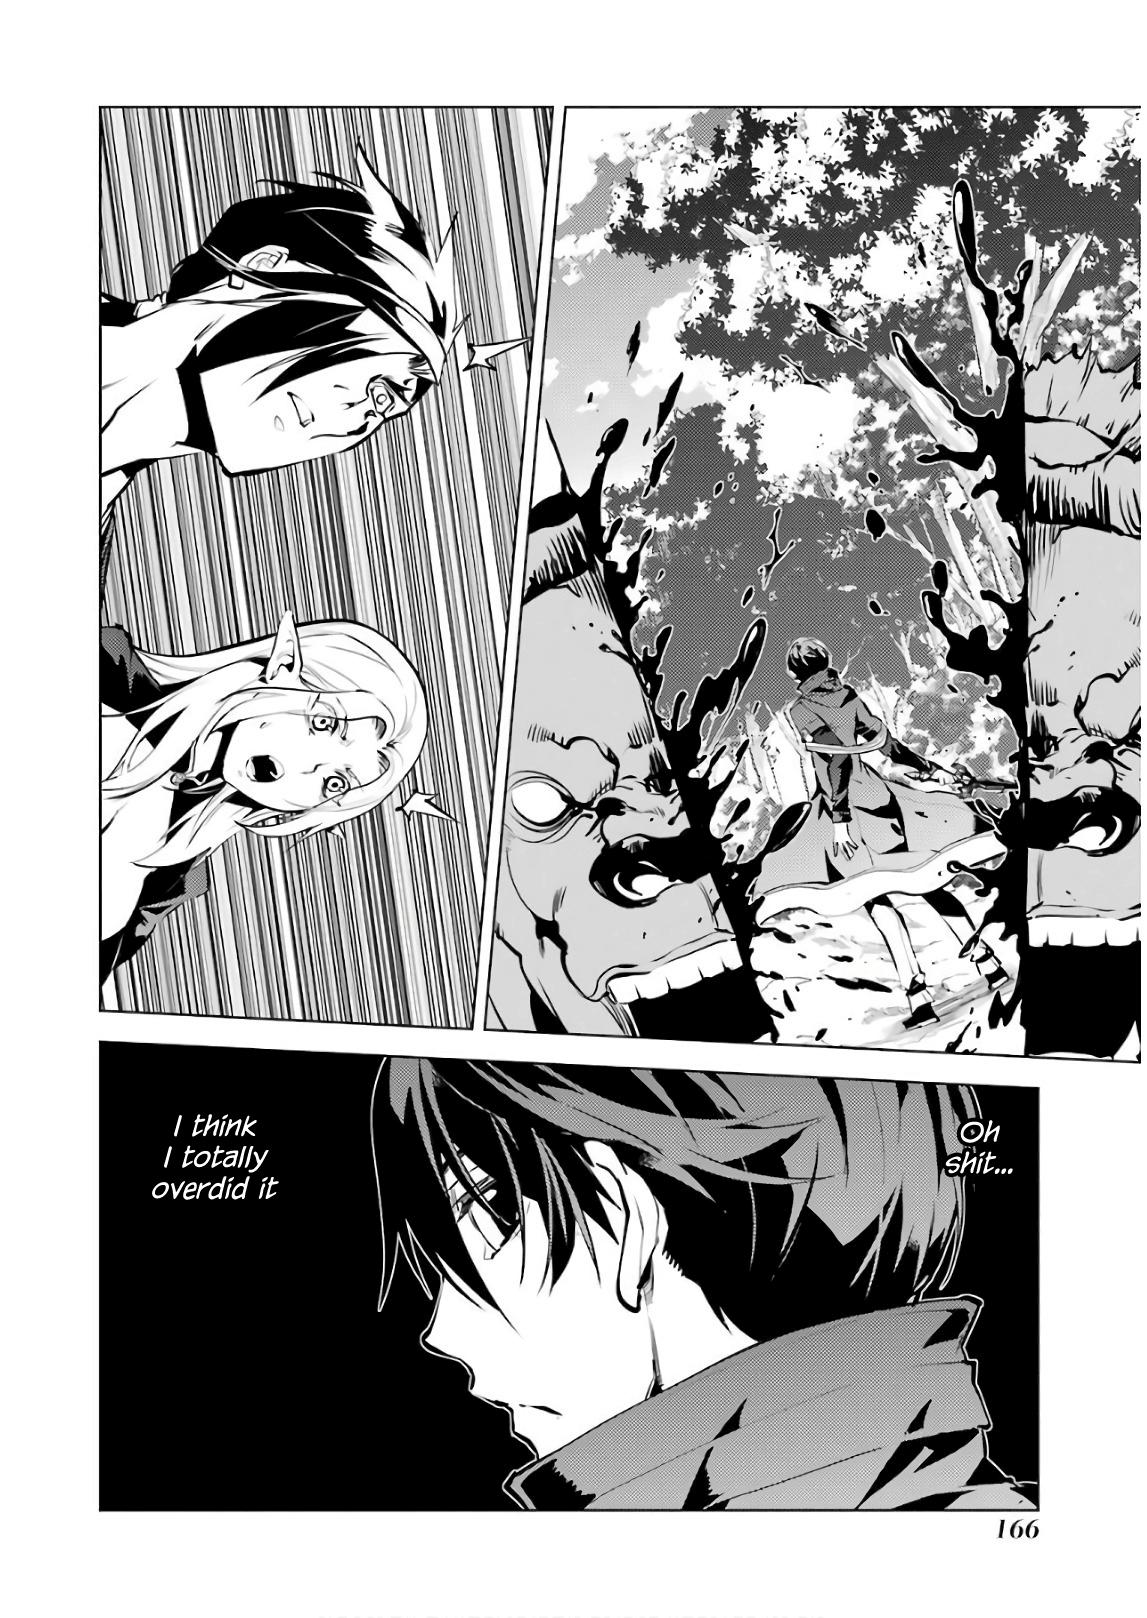 Tensei Kenja No Isekai Raifu ~Daini No Shokugyo Wo Ete, Sekai Saikyou Ni Narimashita~ Vol.5 Chapter 15: I Was Being Pursued page 41 - Mangakakalots.com